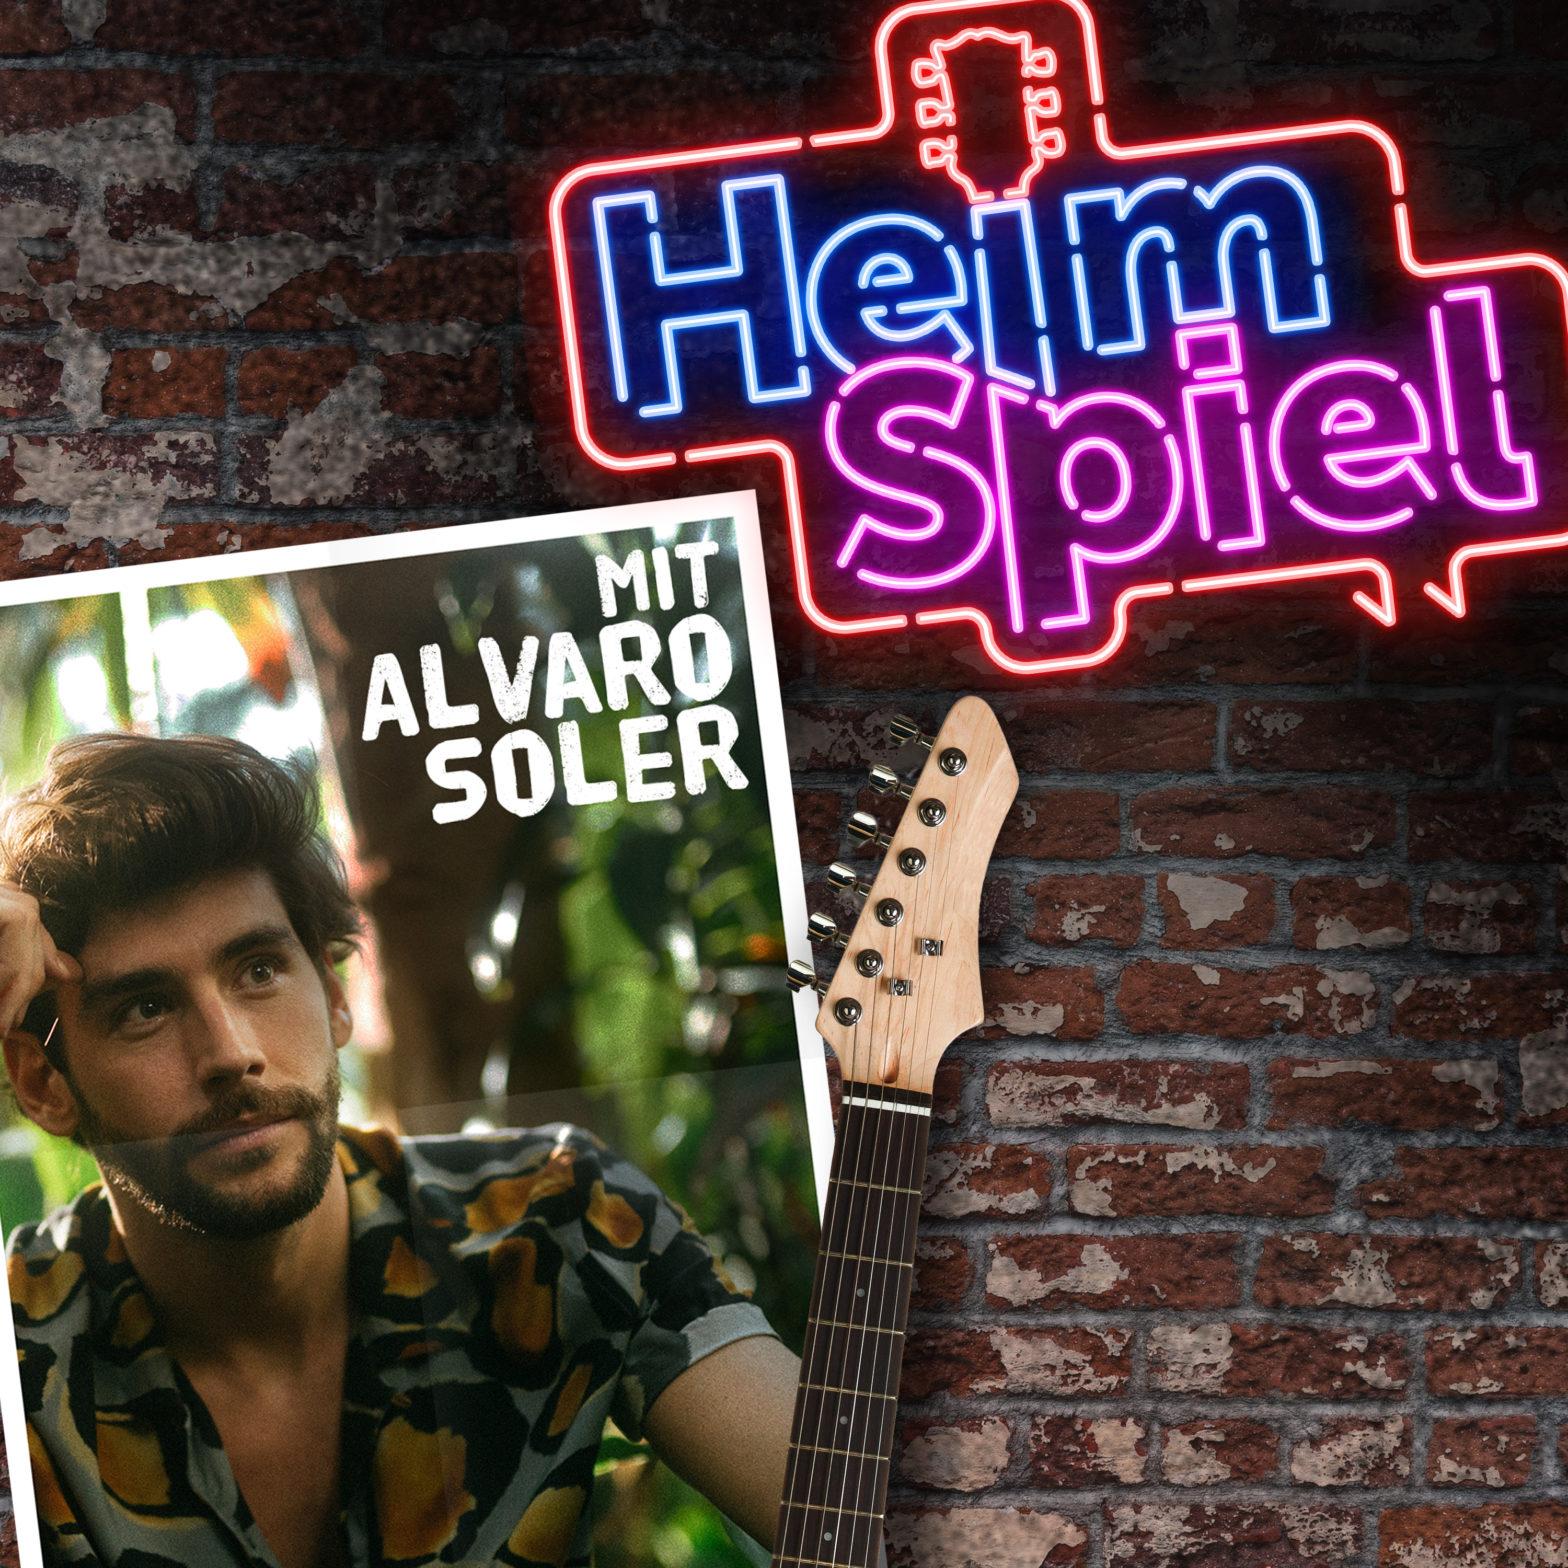 Heimspiel-Podcast mit Alvaro Soler